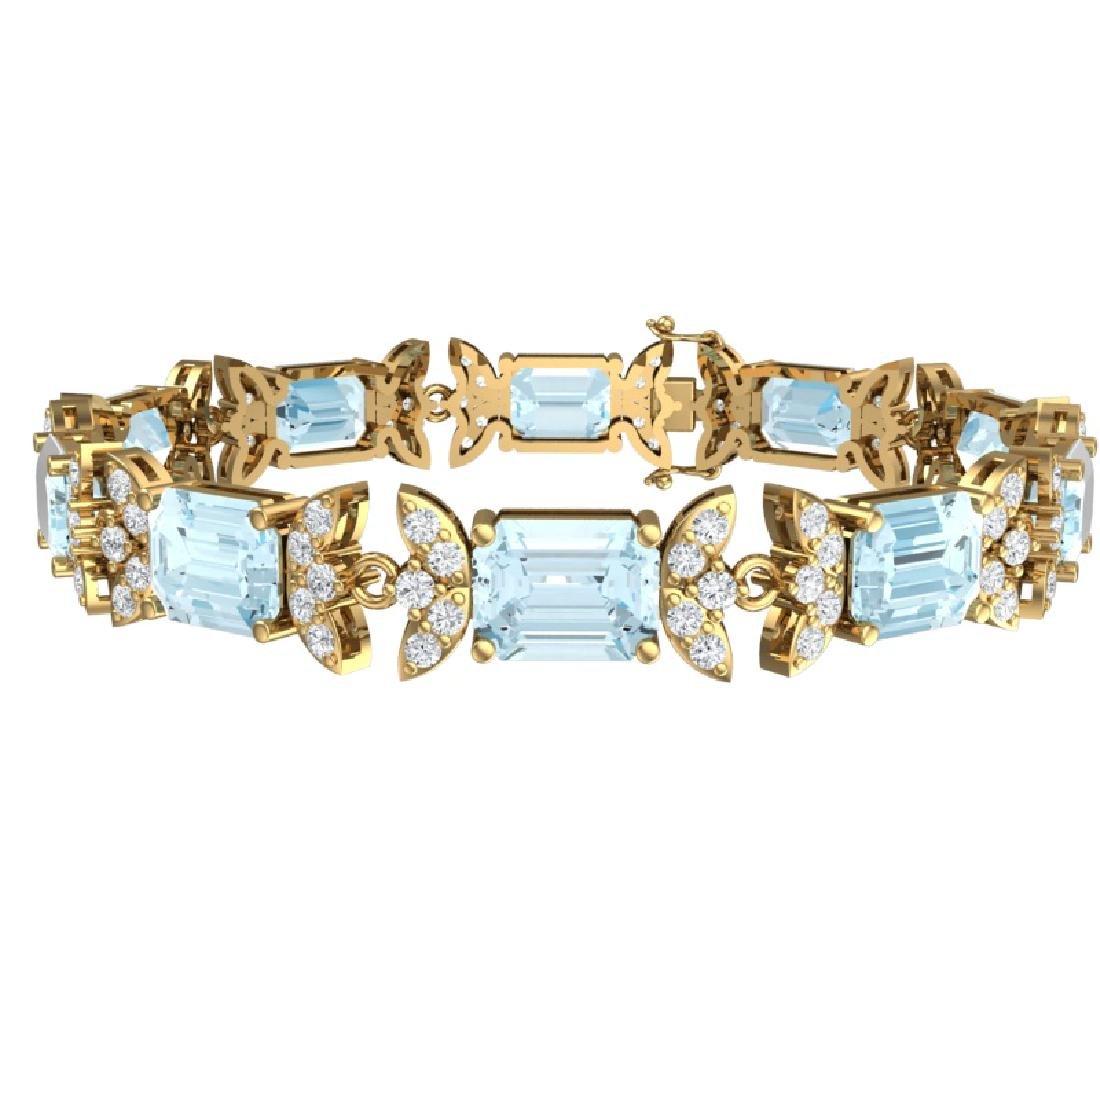 39.65 CTW Royalty Sky Topaz & VS Diamond Bracelet 18K - 3